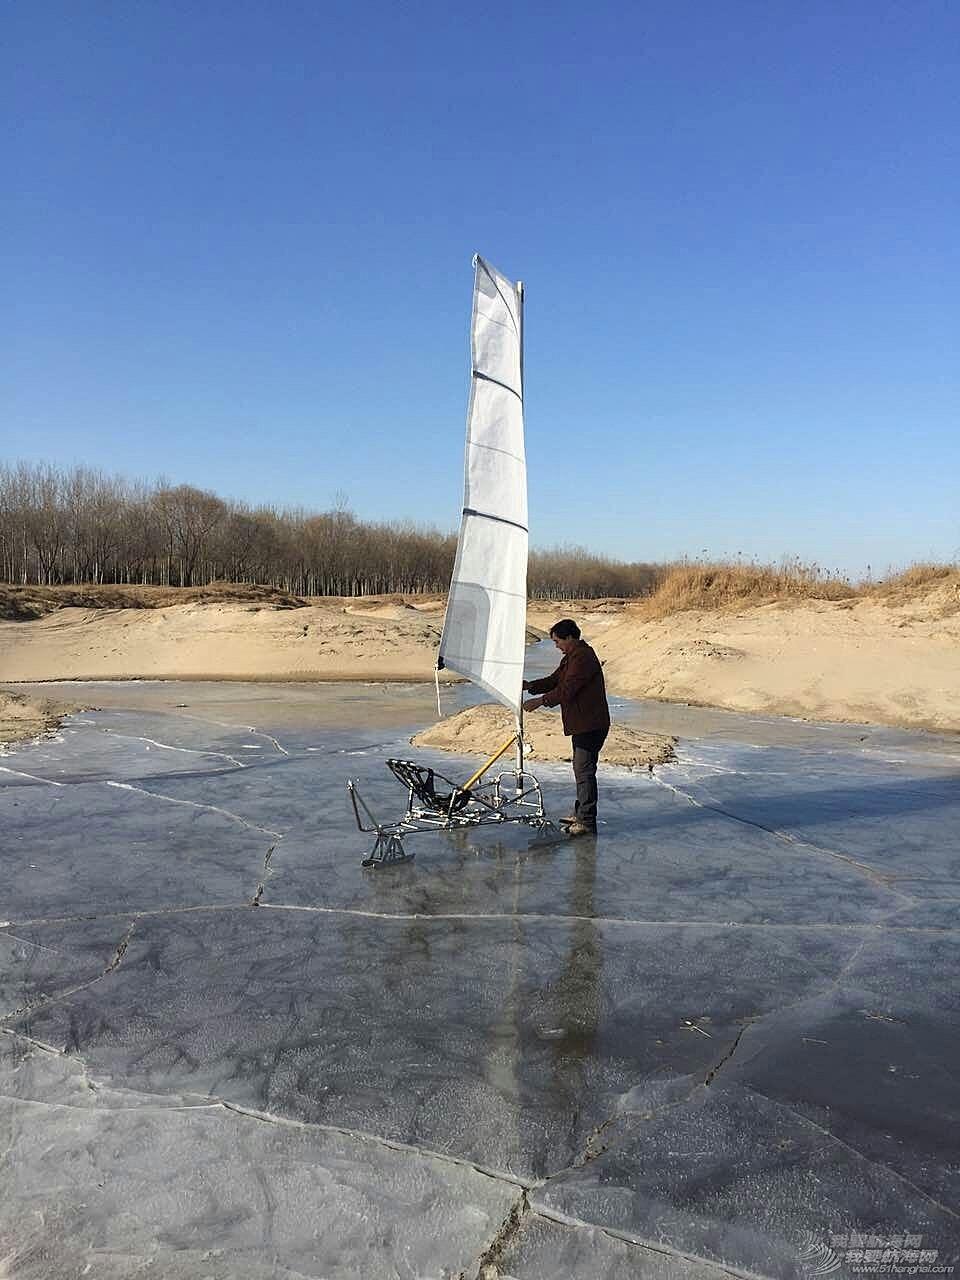 冰帆,烟斗冰帆,烟斗制作,帆车,帆船气象导航 【冰帆】-结冰的冬天也能玩帆?我的冰帆成功下冰试航